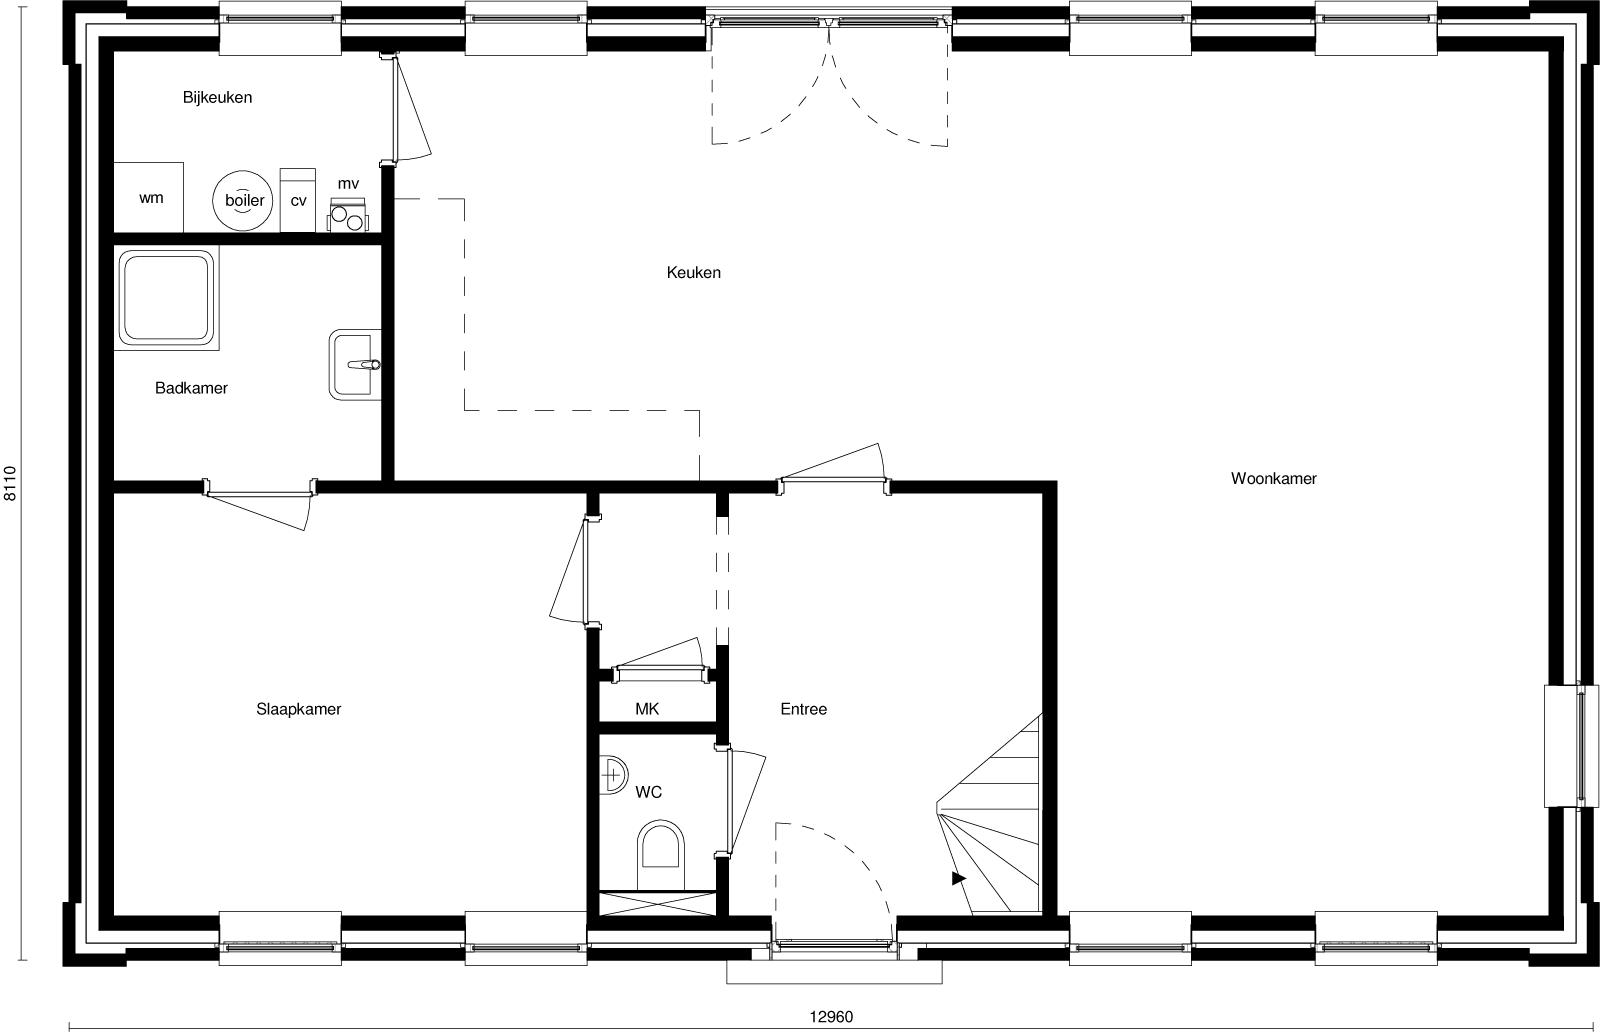 Plattegrond badkamer maken cheap en vastgoed vision with for Tekening badkamer maken